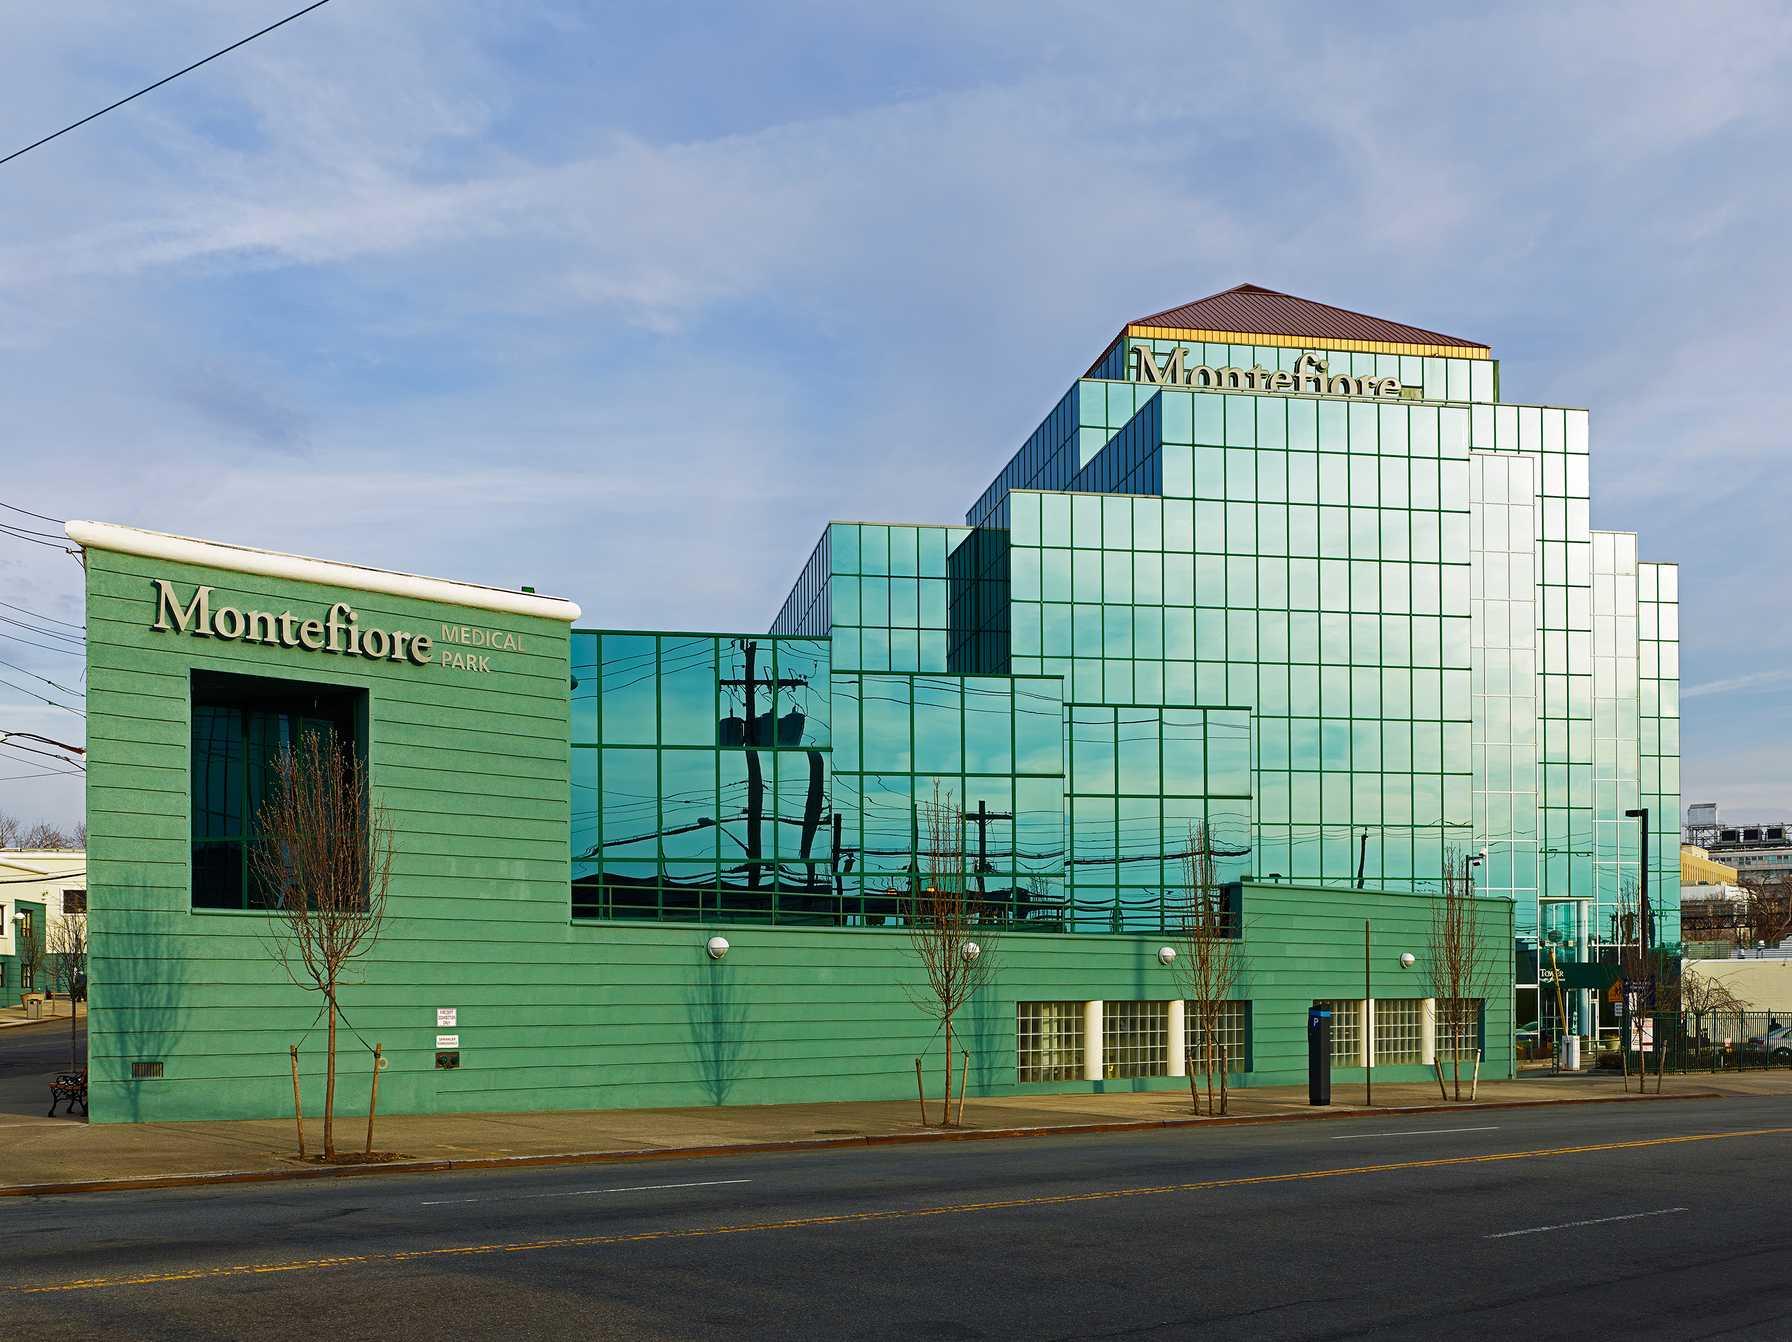 Montefiore Medical Park